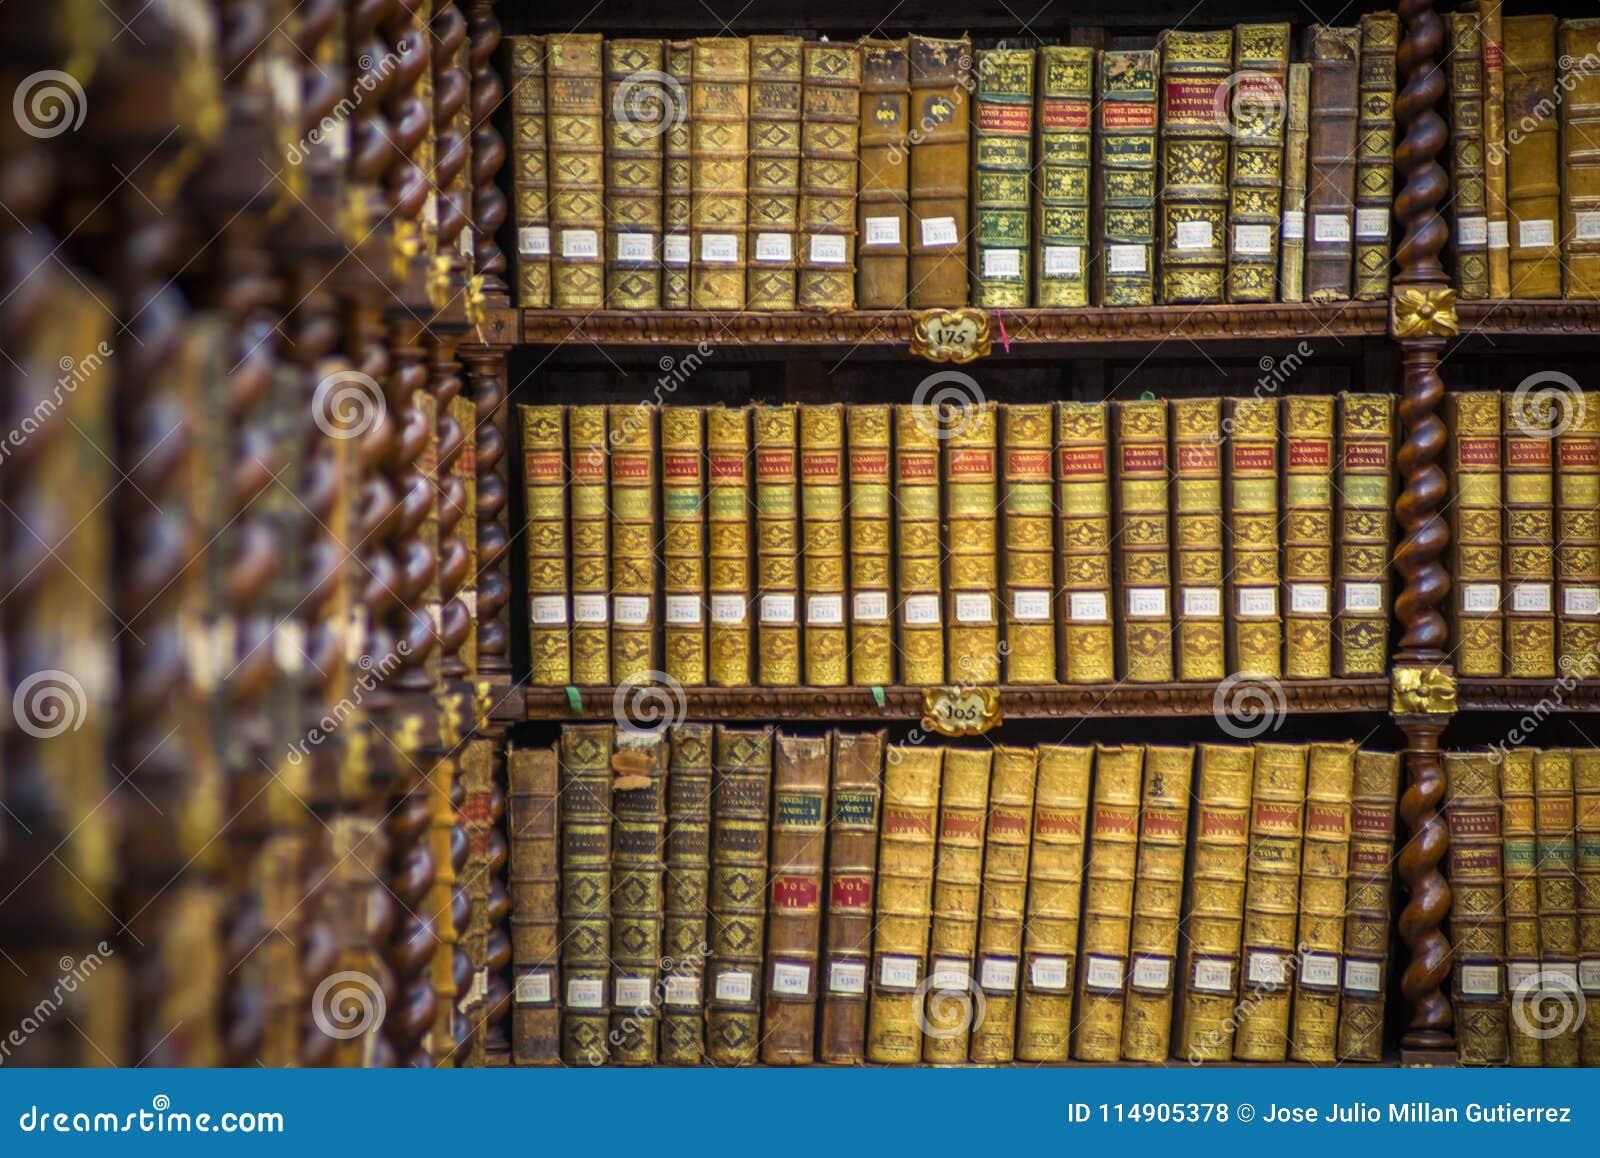 Recursos bibliográficos